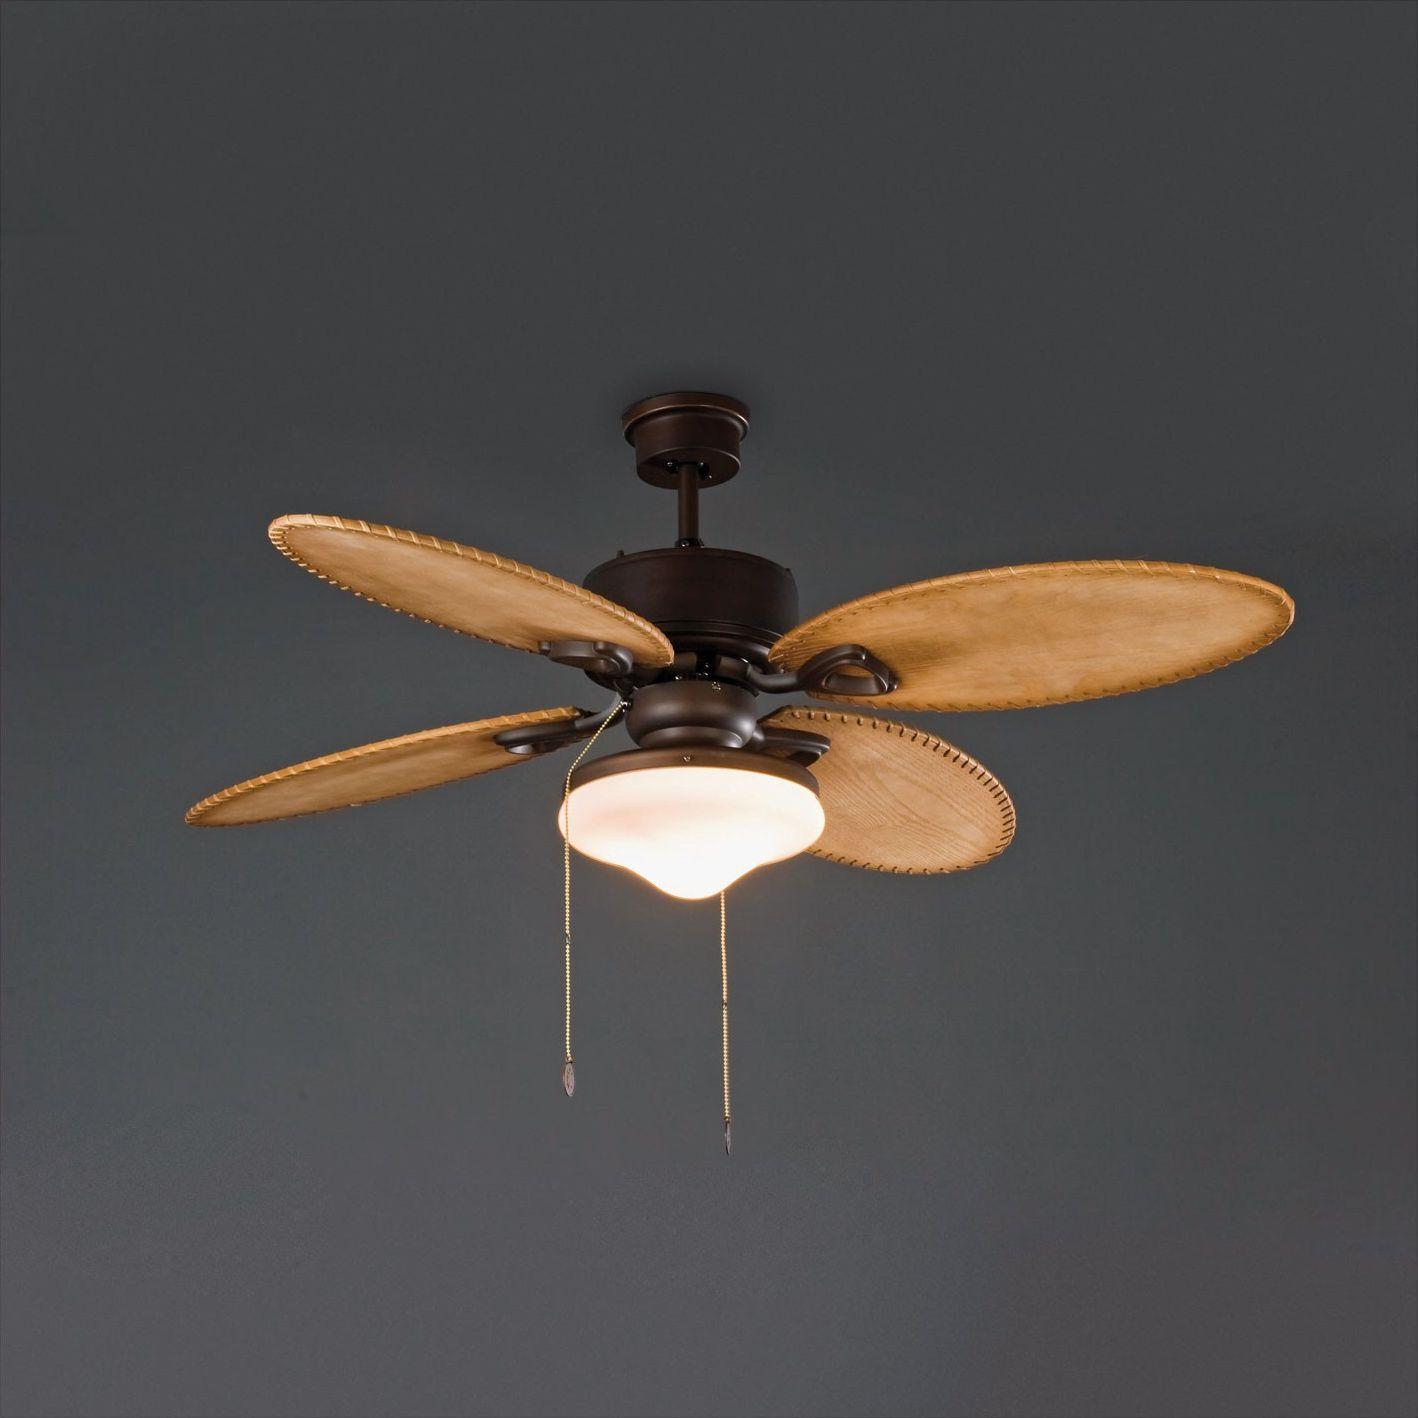 products_53555_5 Fabelhafte Deckenventilator Mit Licht Dekorationen